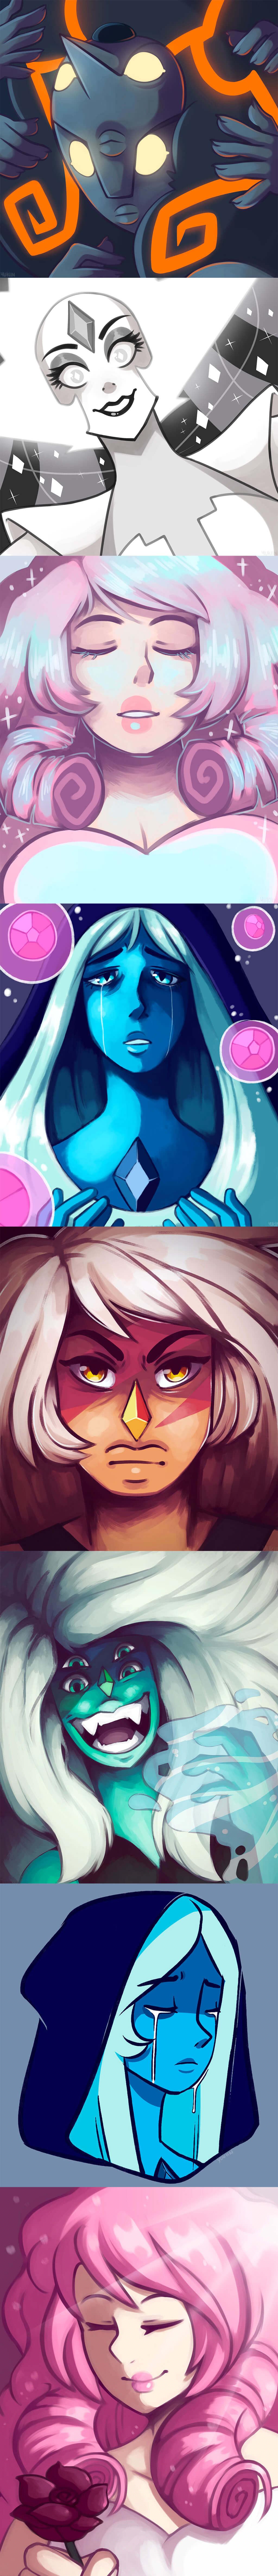 Steven Universe Fan Art by Chantelle Carney